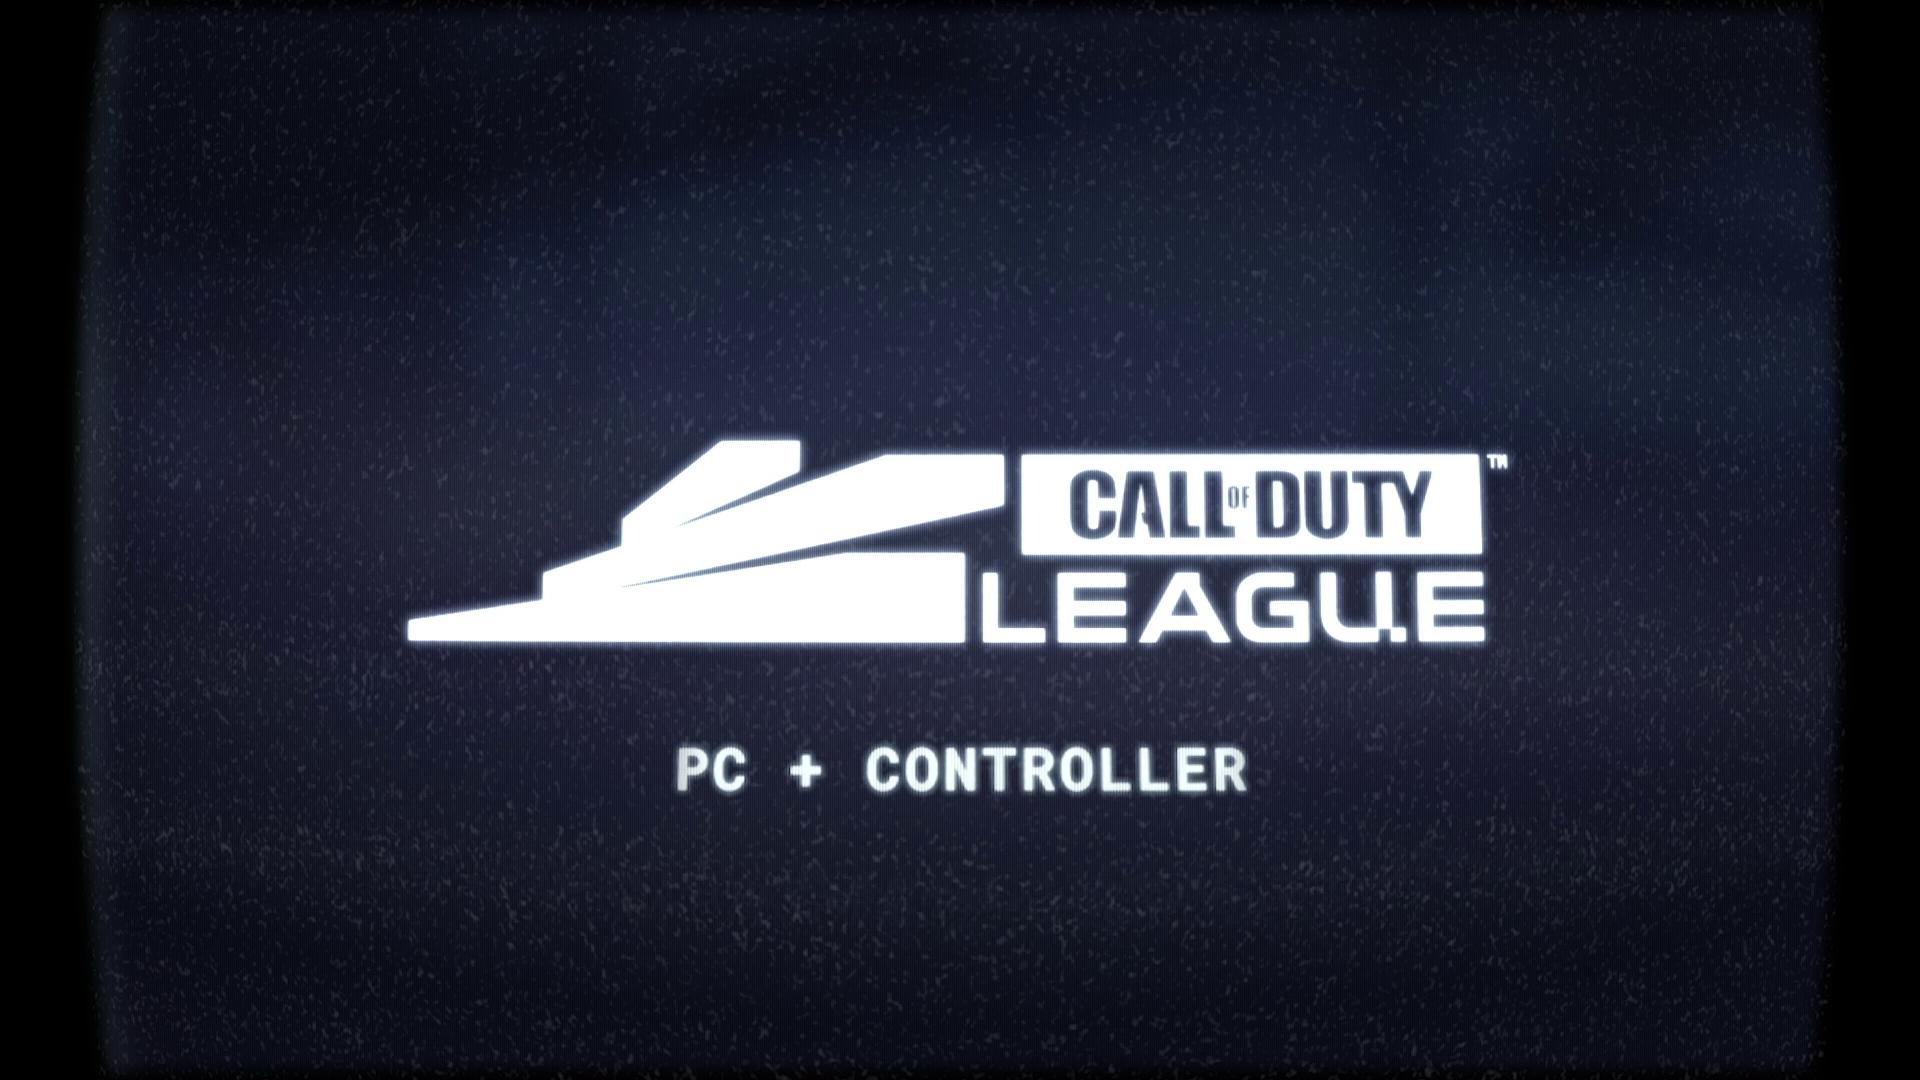 Call of Duty League berpindah ke PC tetapi papan kekunci dan tetikus tidak dibenarkan